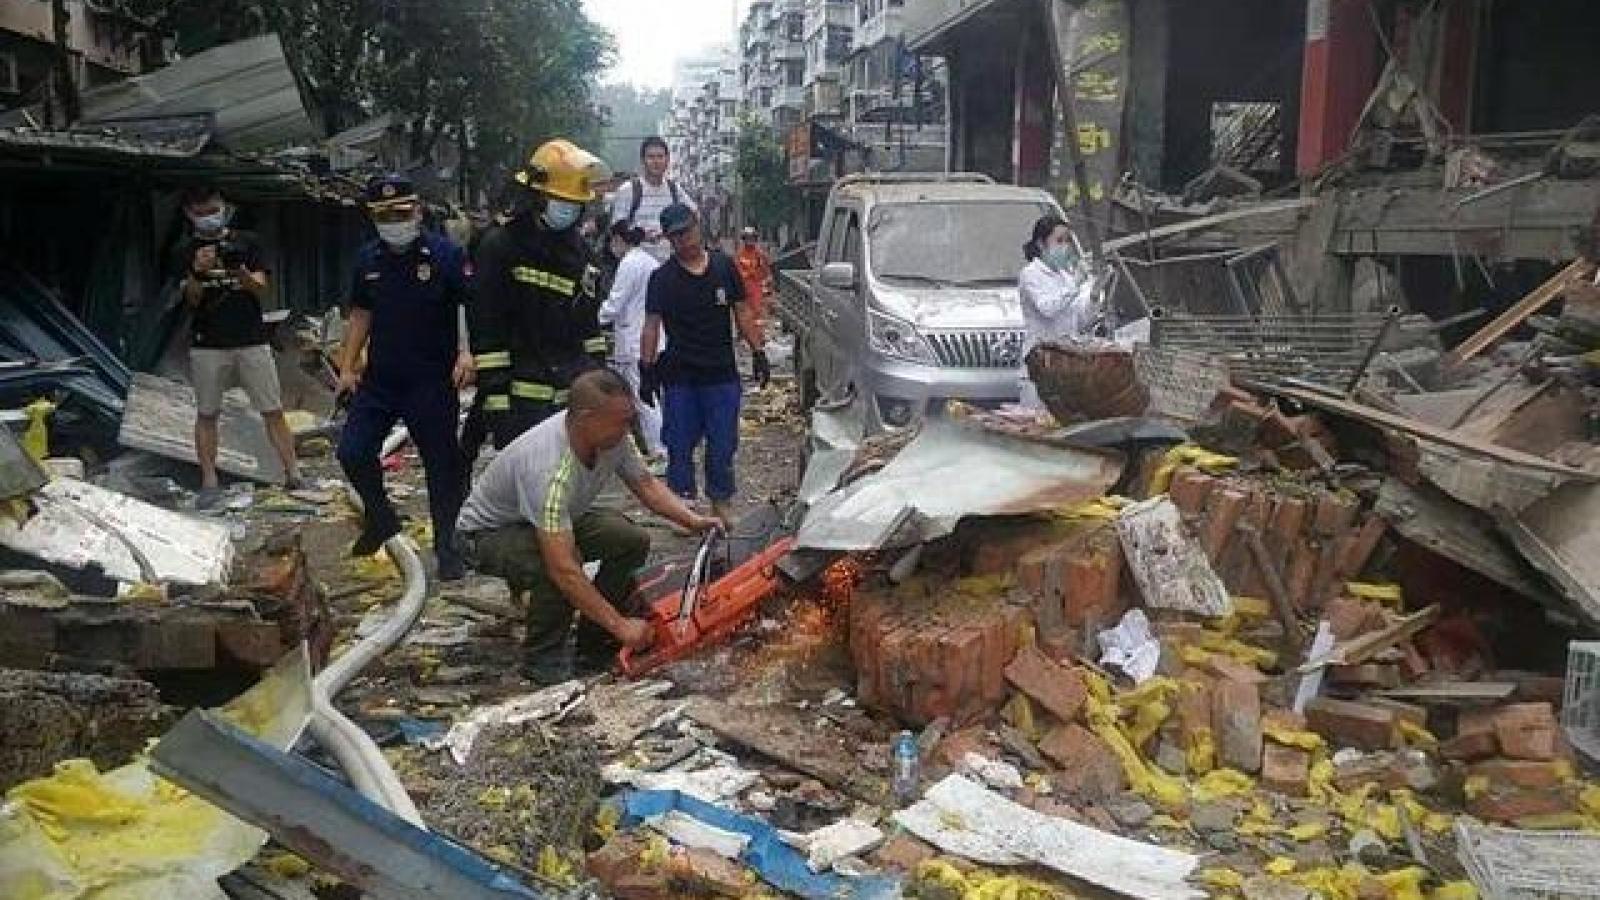 Nổ khí ga tại Hồ Bắc (Trung Quốc) khiến gần 50 người chết và trọng thương